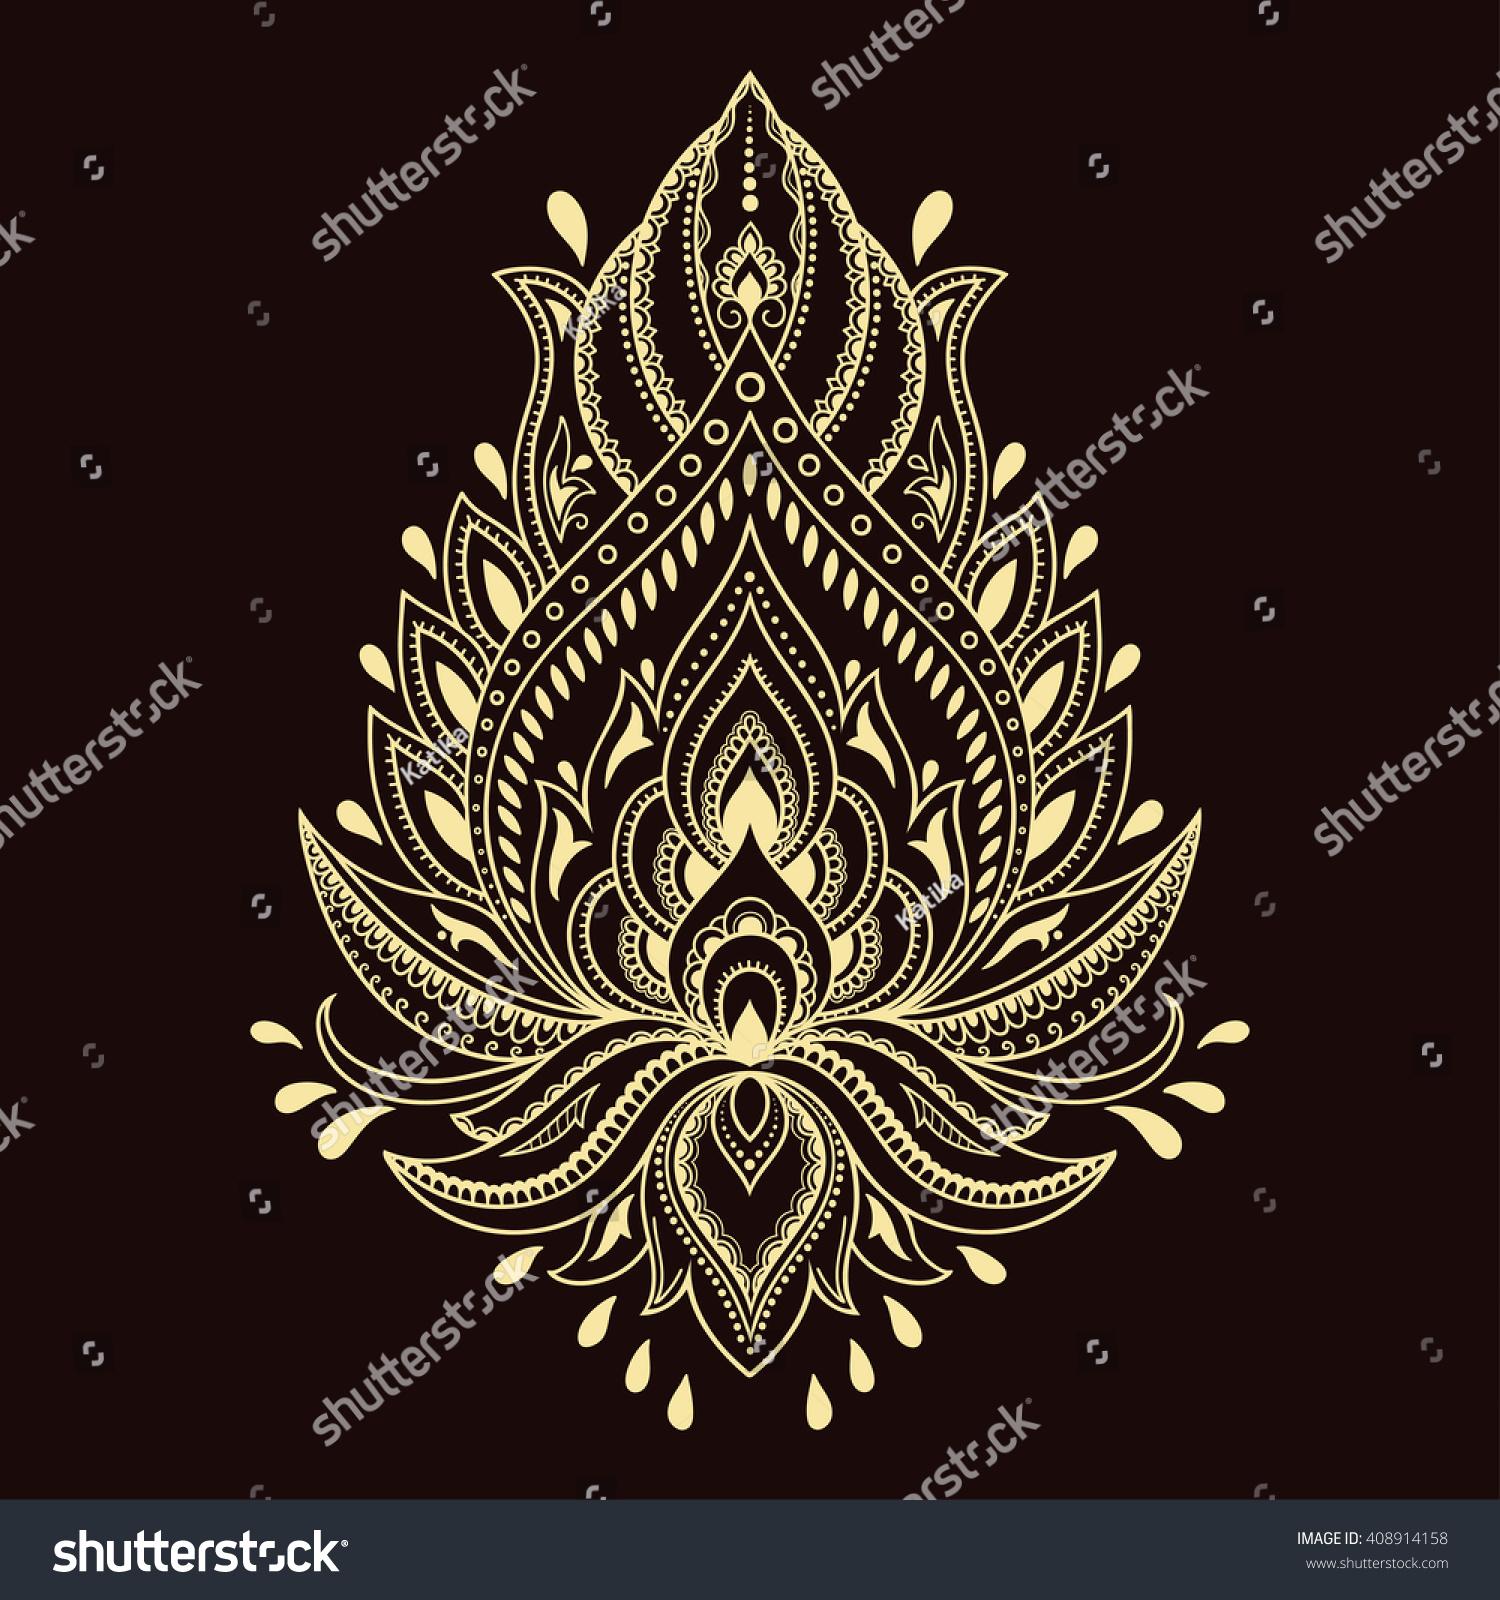 Royalty Free Mehndi Lotus Flower Pattern For Henna 408914158 Stock